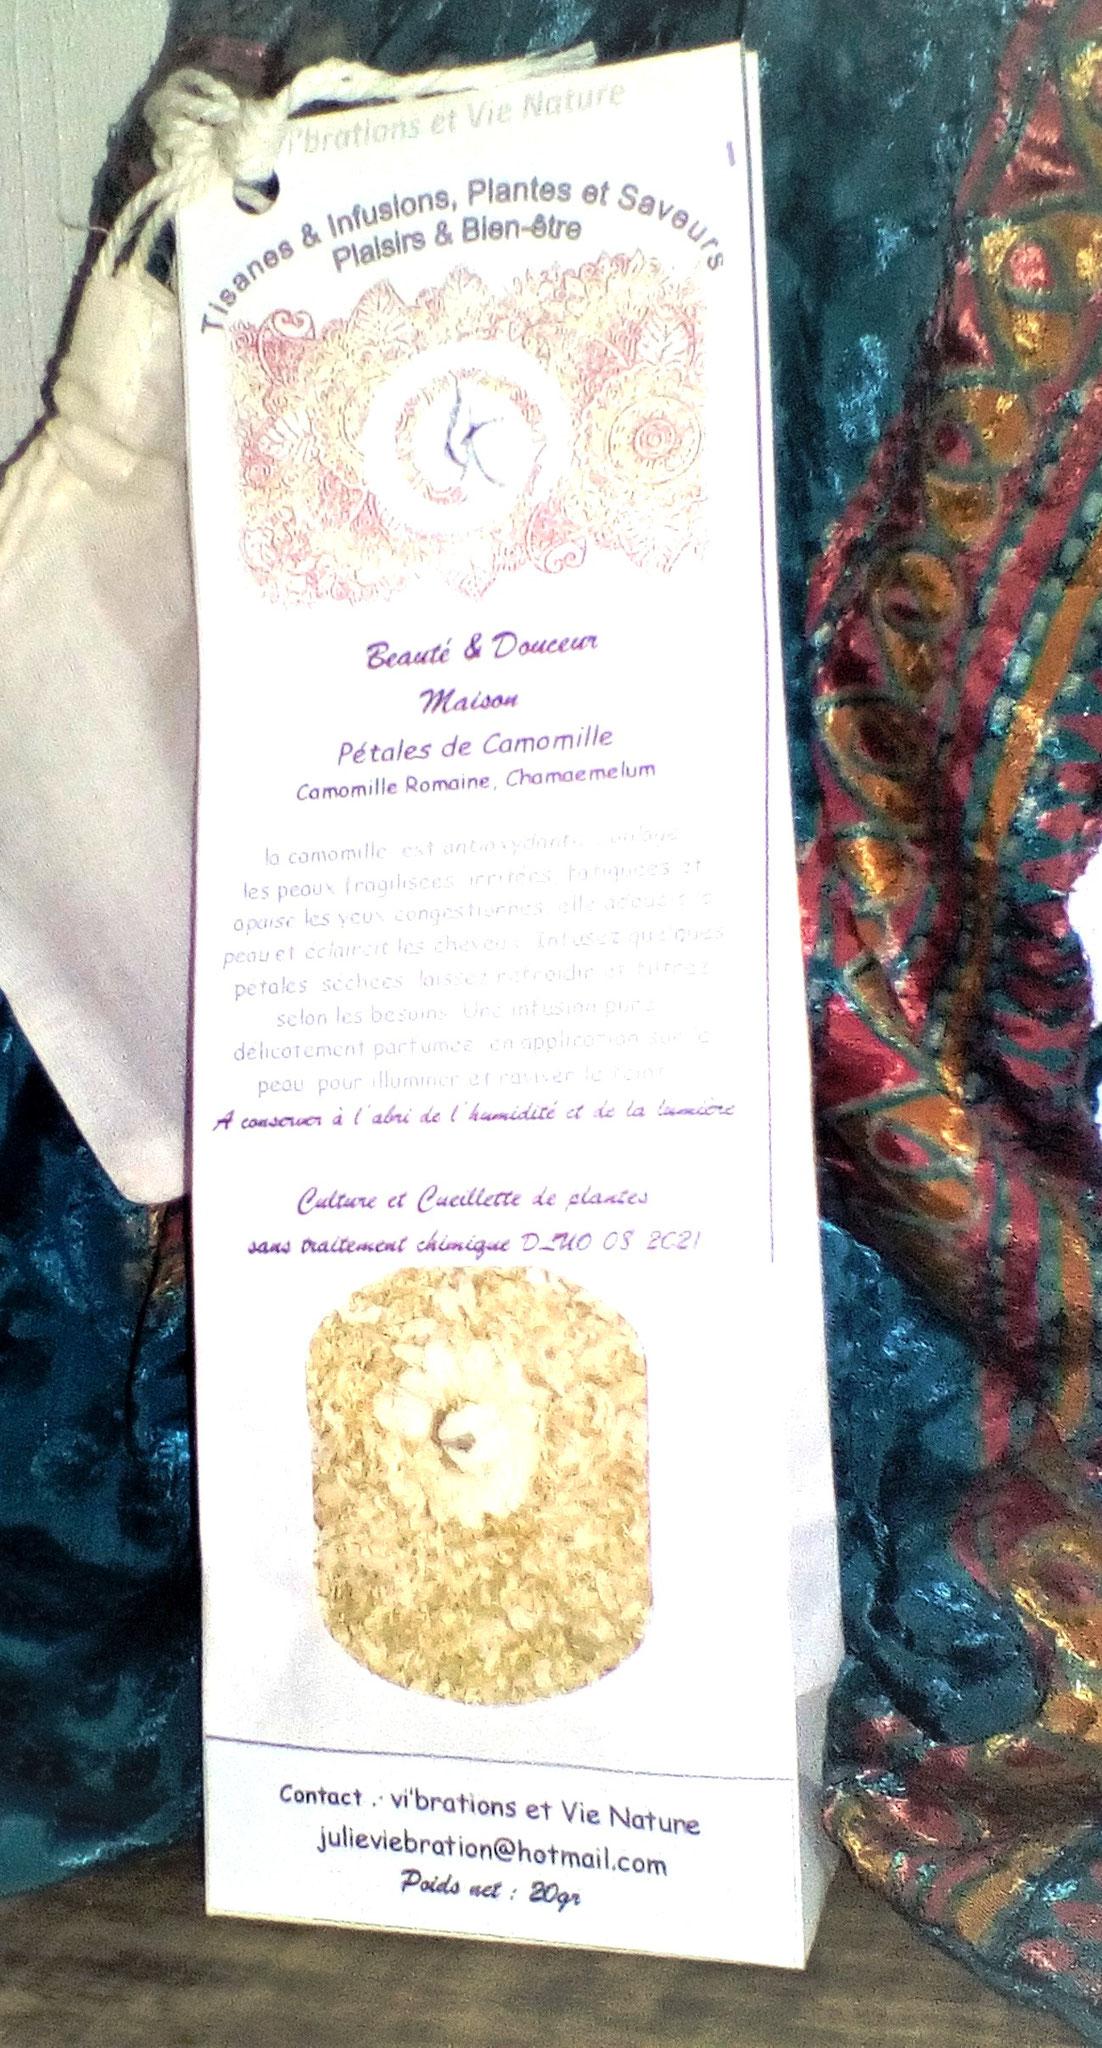 Pétales de camomille Romaine Beauté & Douceur Maison